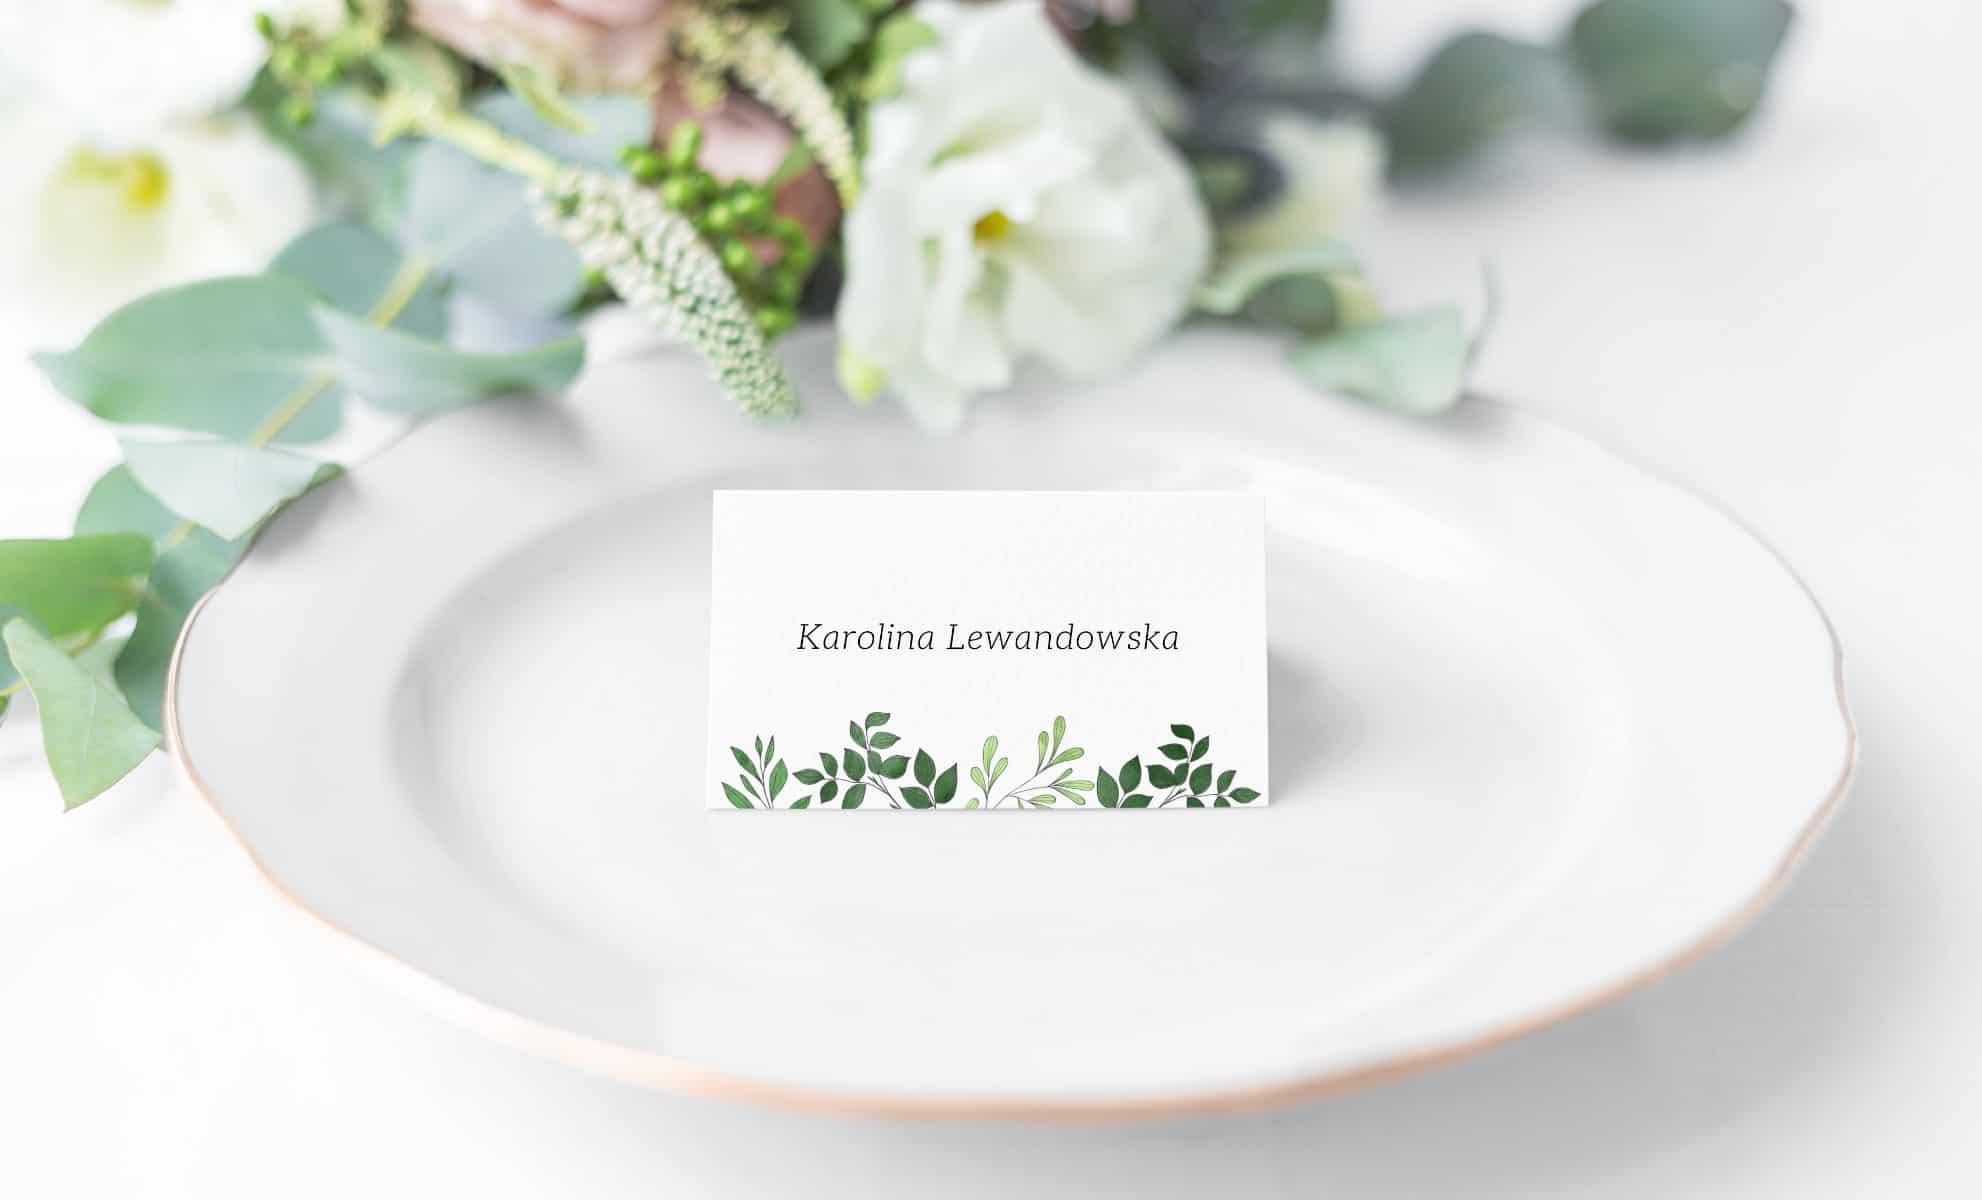 Winietki na stoły weselne z listkami Laurel